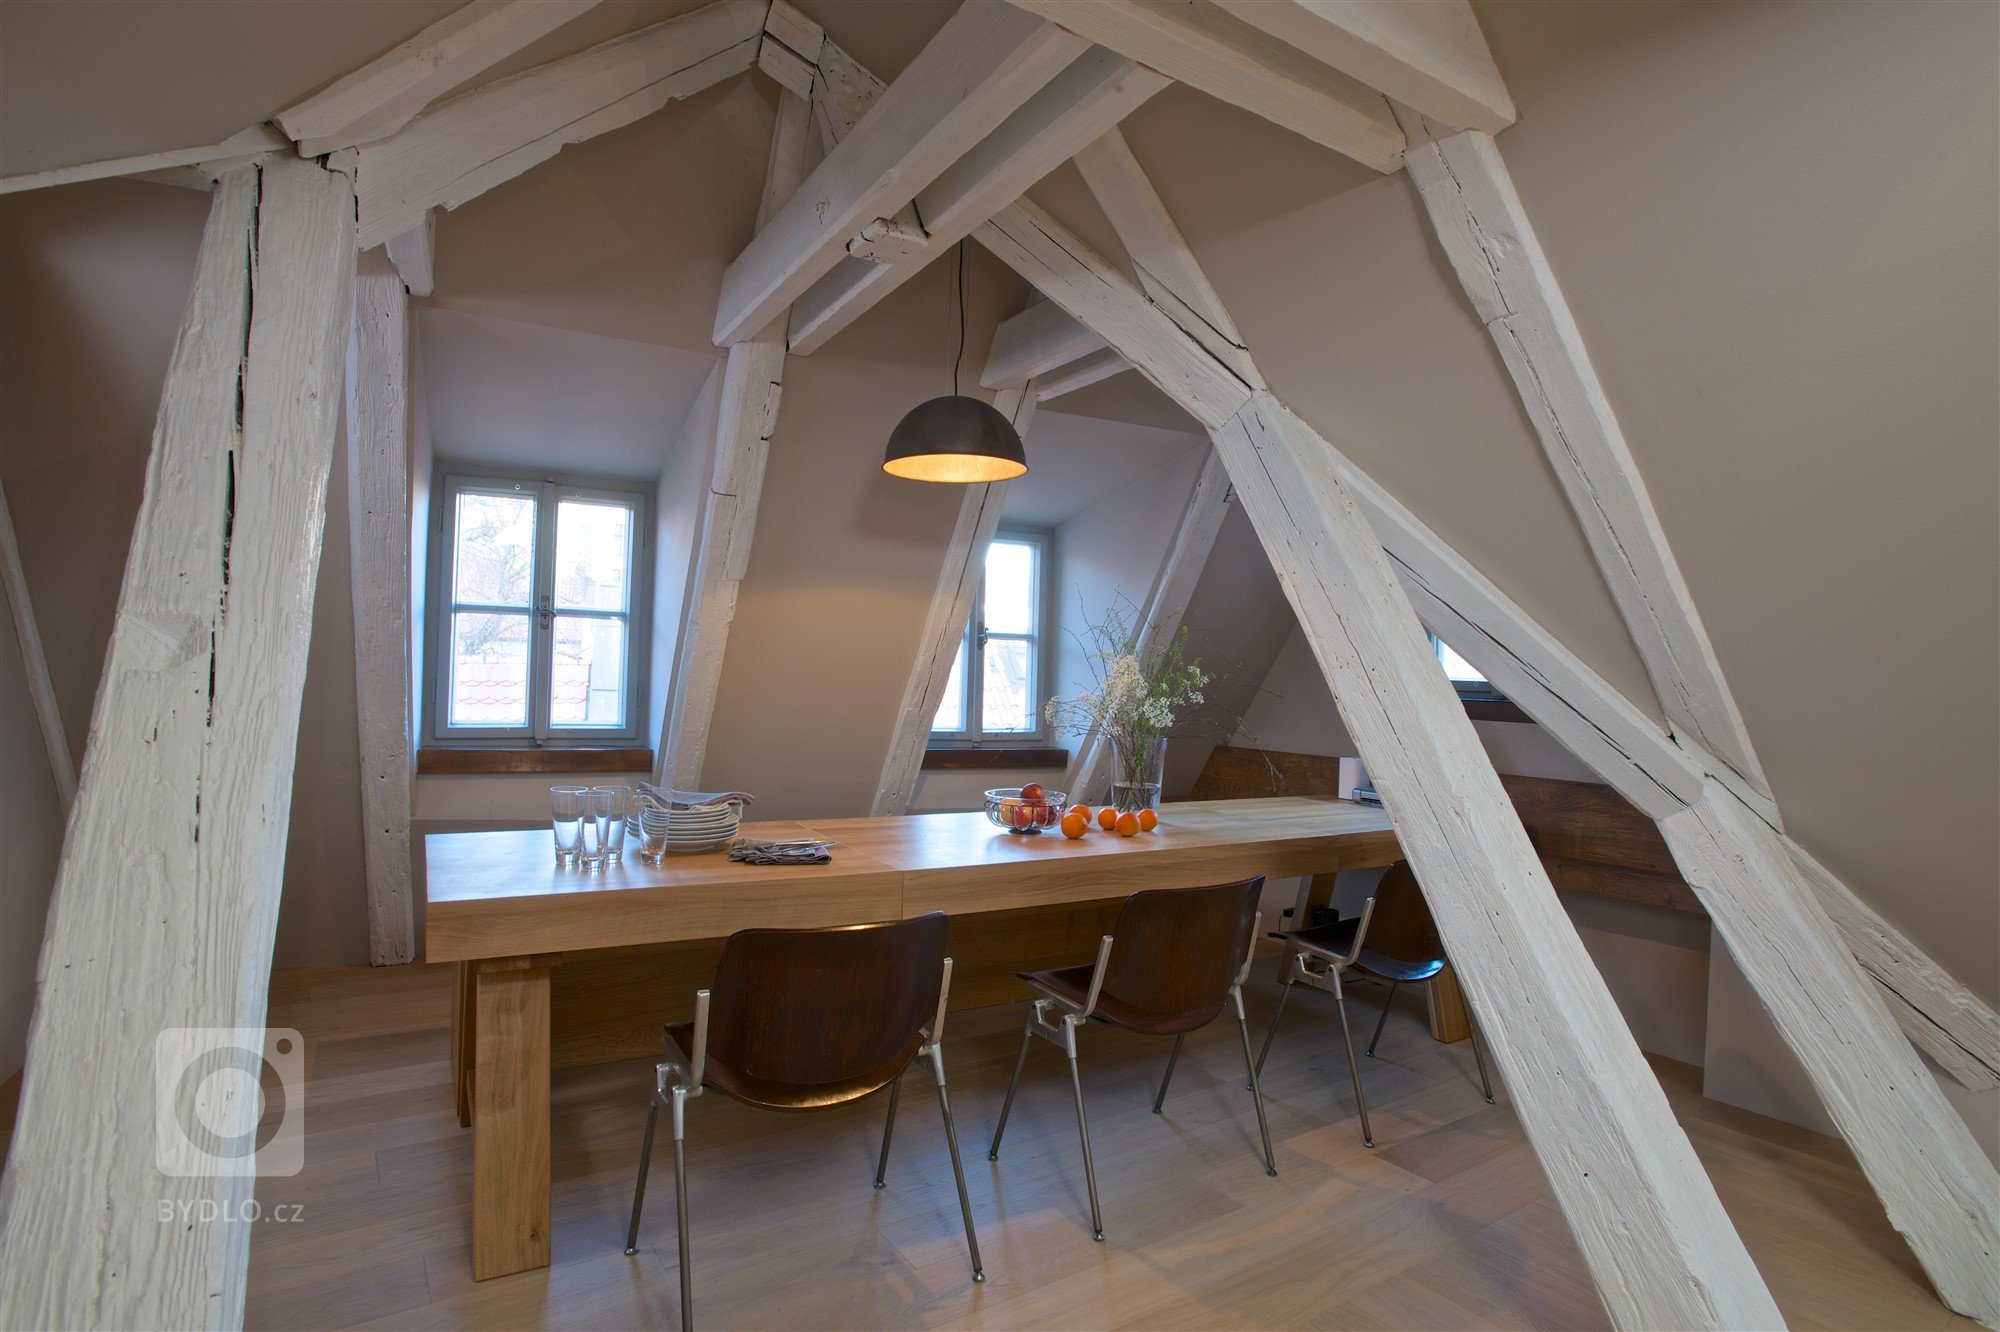 Rodiče se dvěma malými dětmi si přáli vytvořit na poměrně malé půdě plnohodnotný víkendový byt.  Cílem bylo daný prostor (vzhledem k jeho velikosti a omezení…